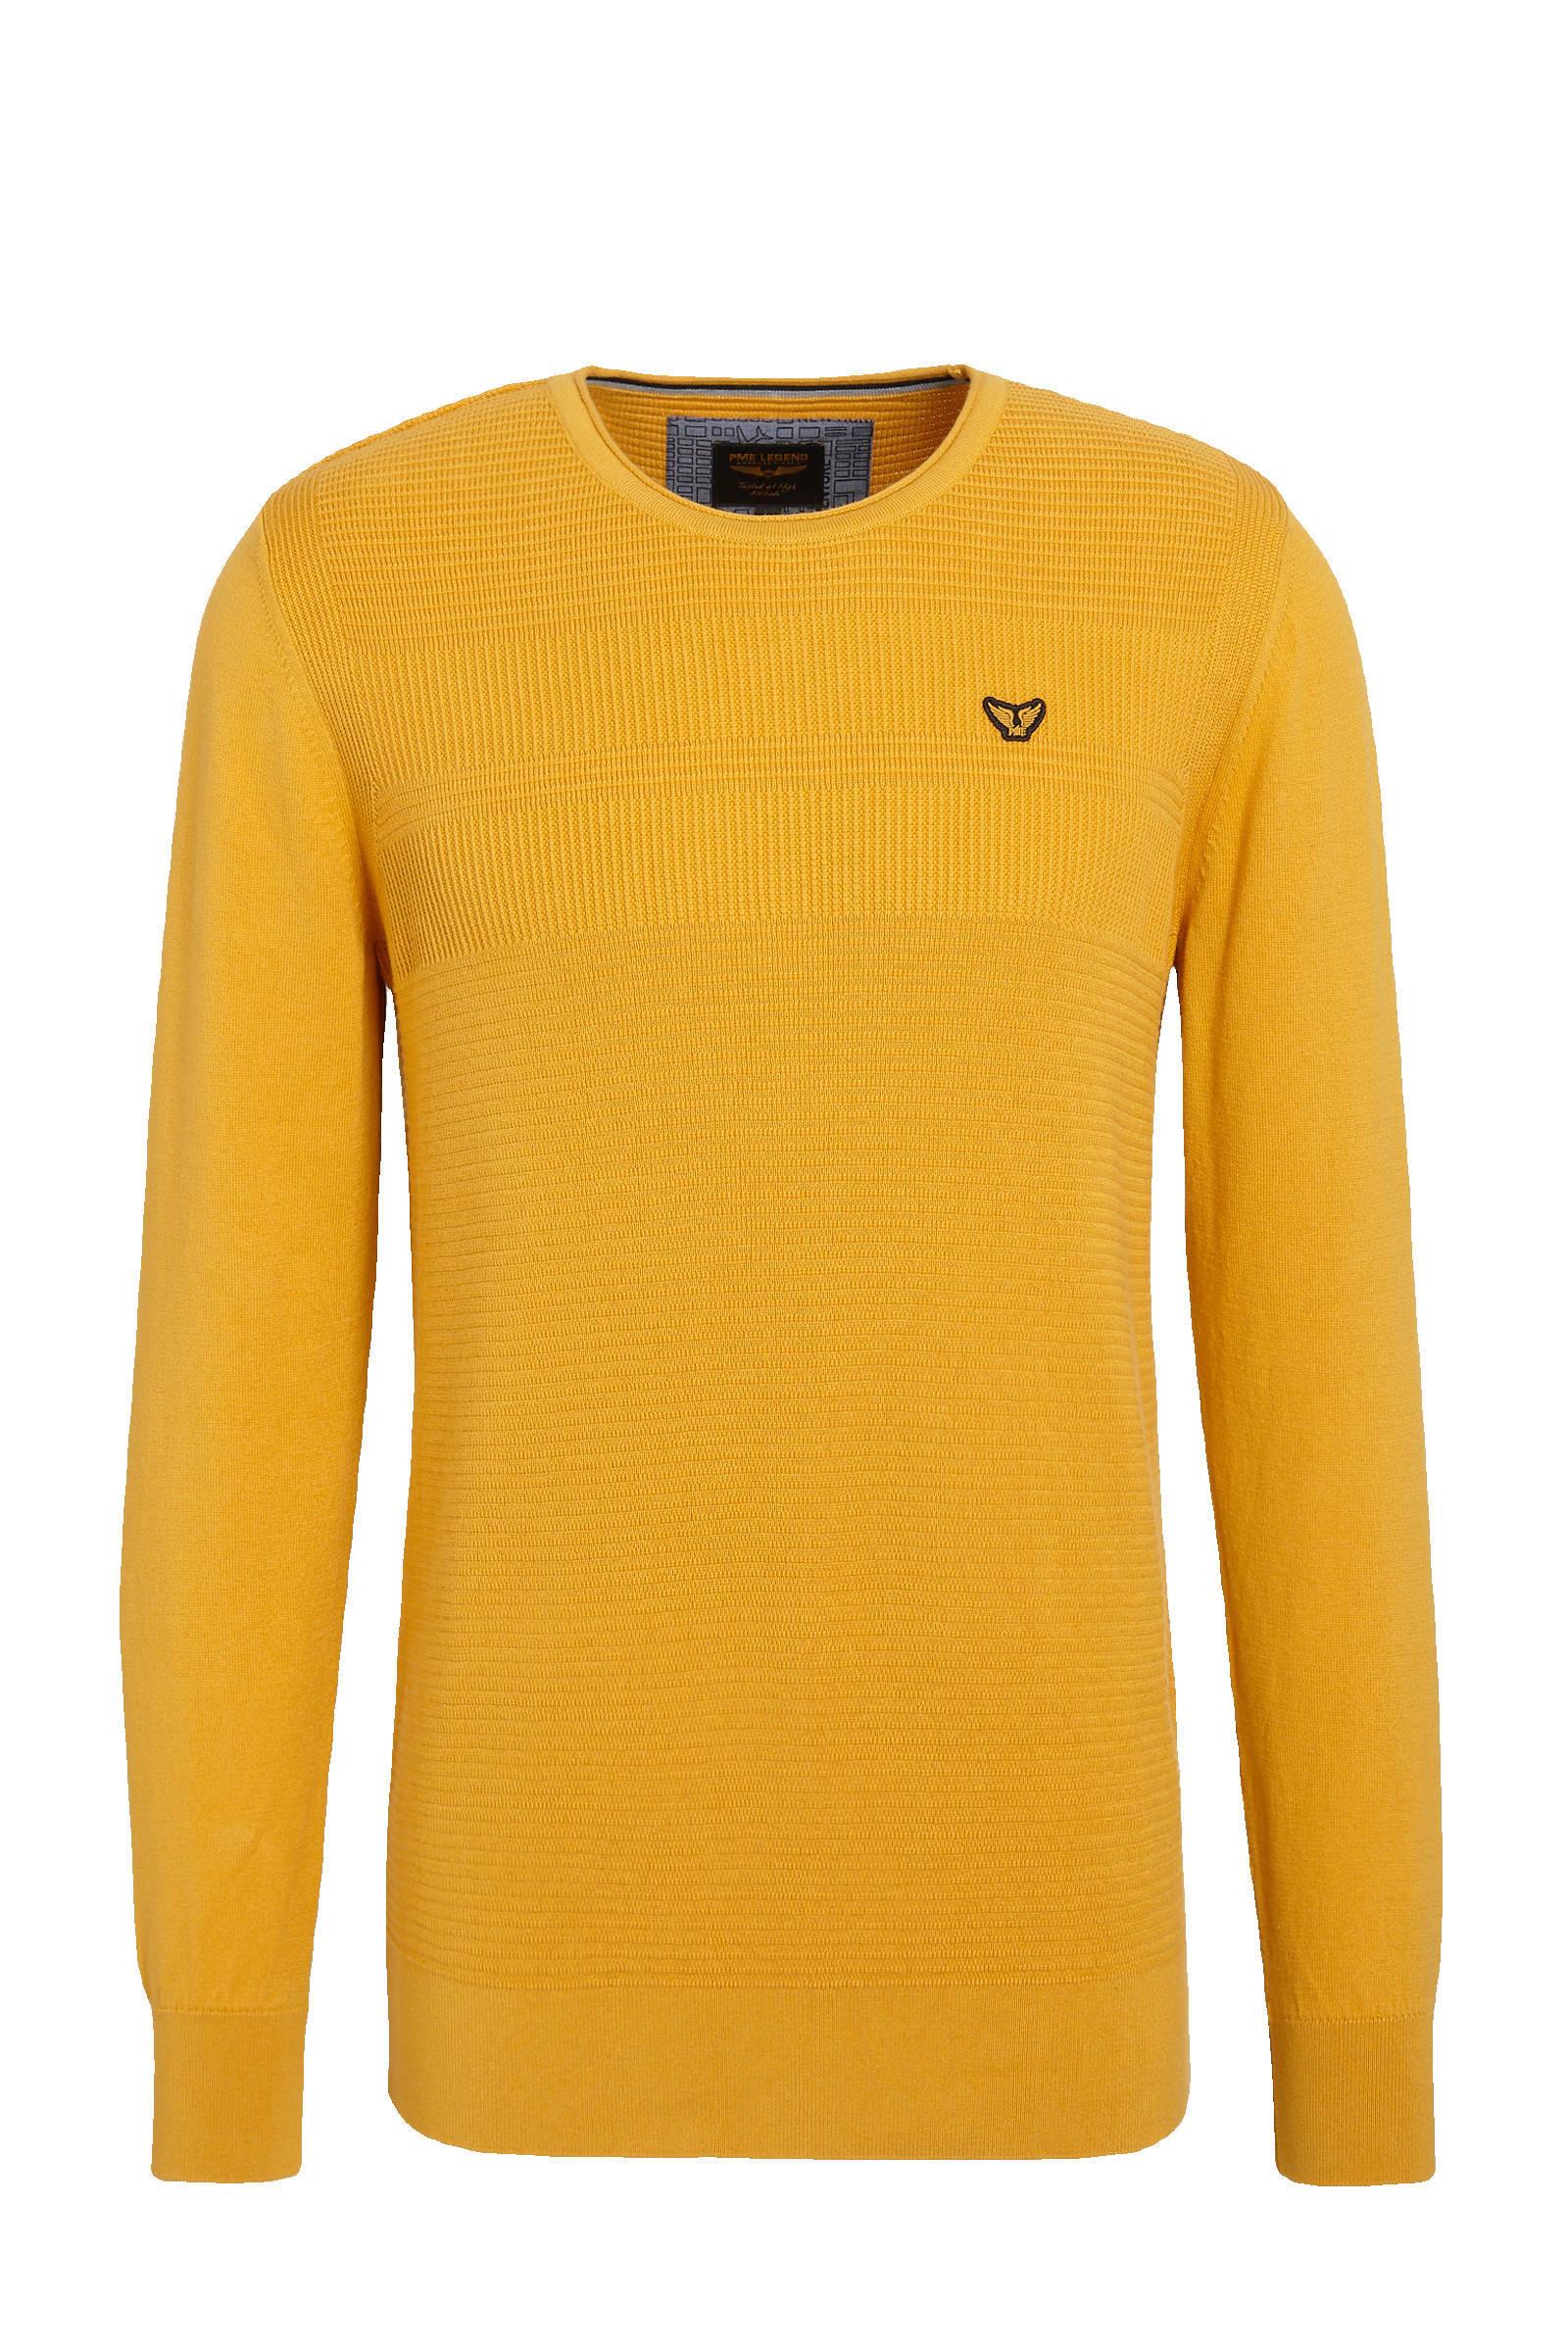 PME Legend Sweatshirt Pkw211300 1084 Pkw211300 online kopen